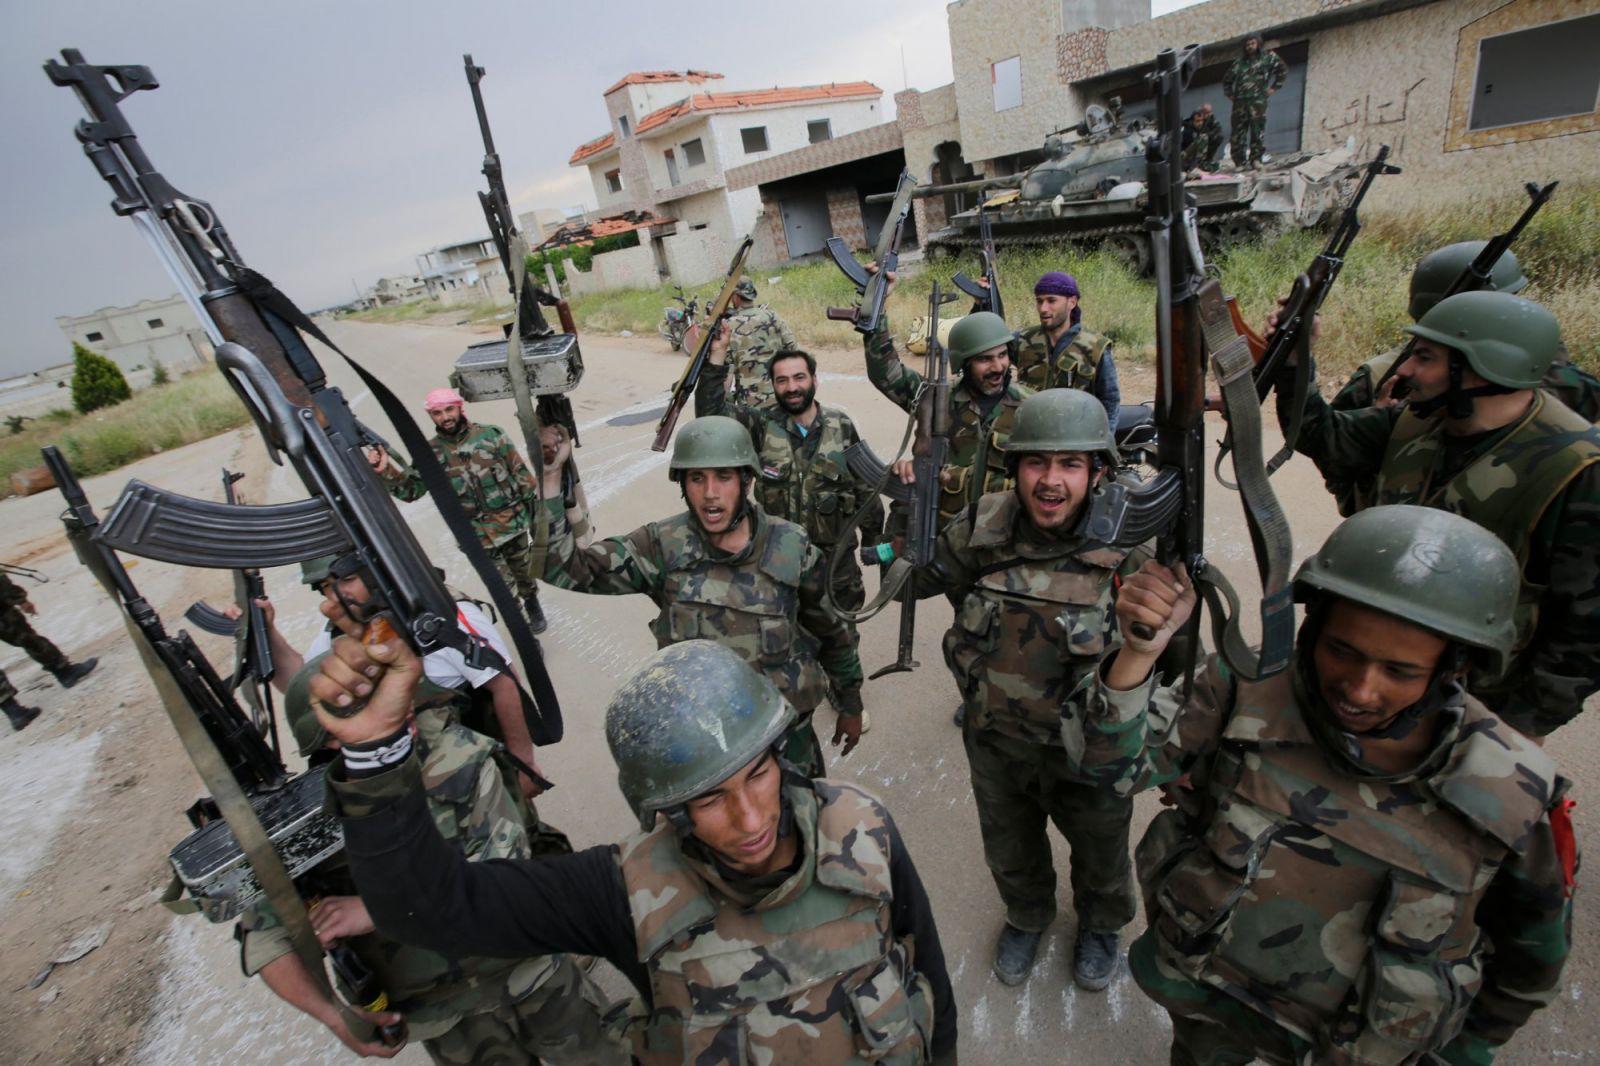 الجيش السوري: نرفض الحوار والتنسيق مع روسيا